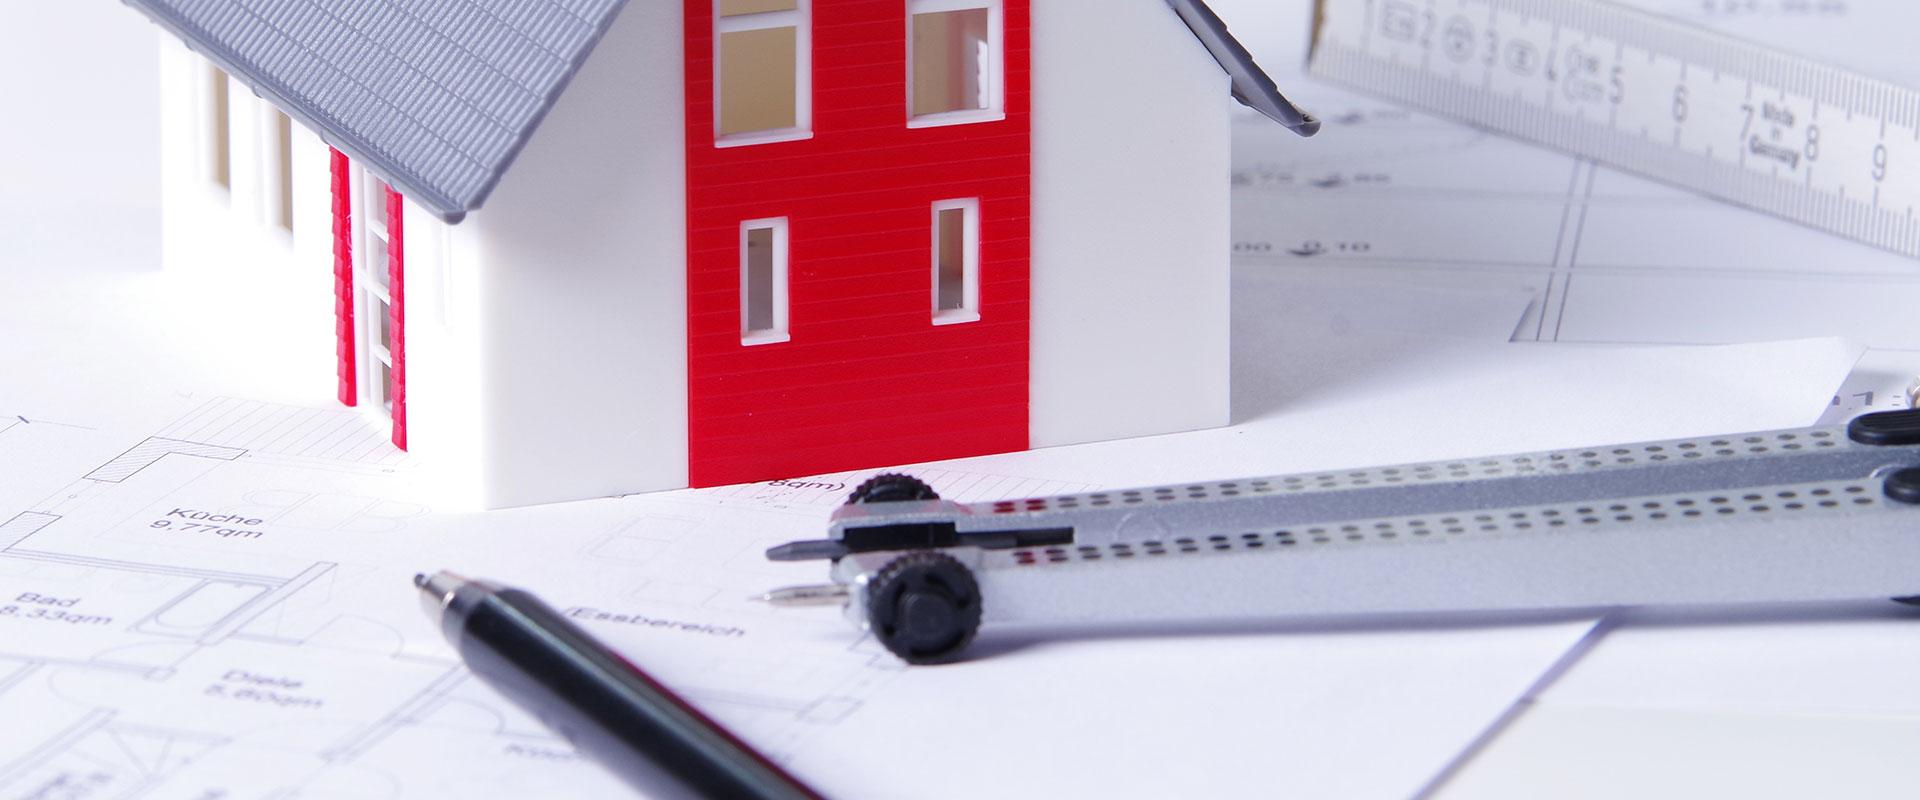 Abbildung Modellhaus und Zirkel